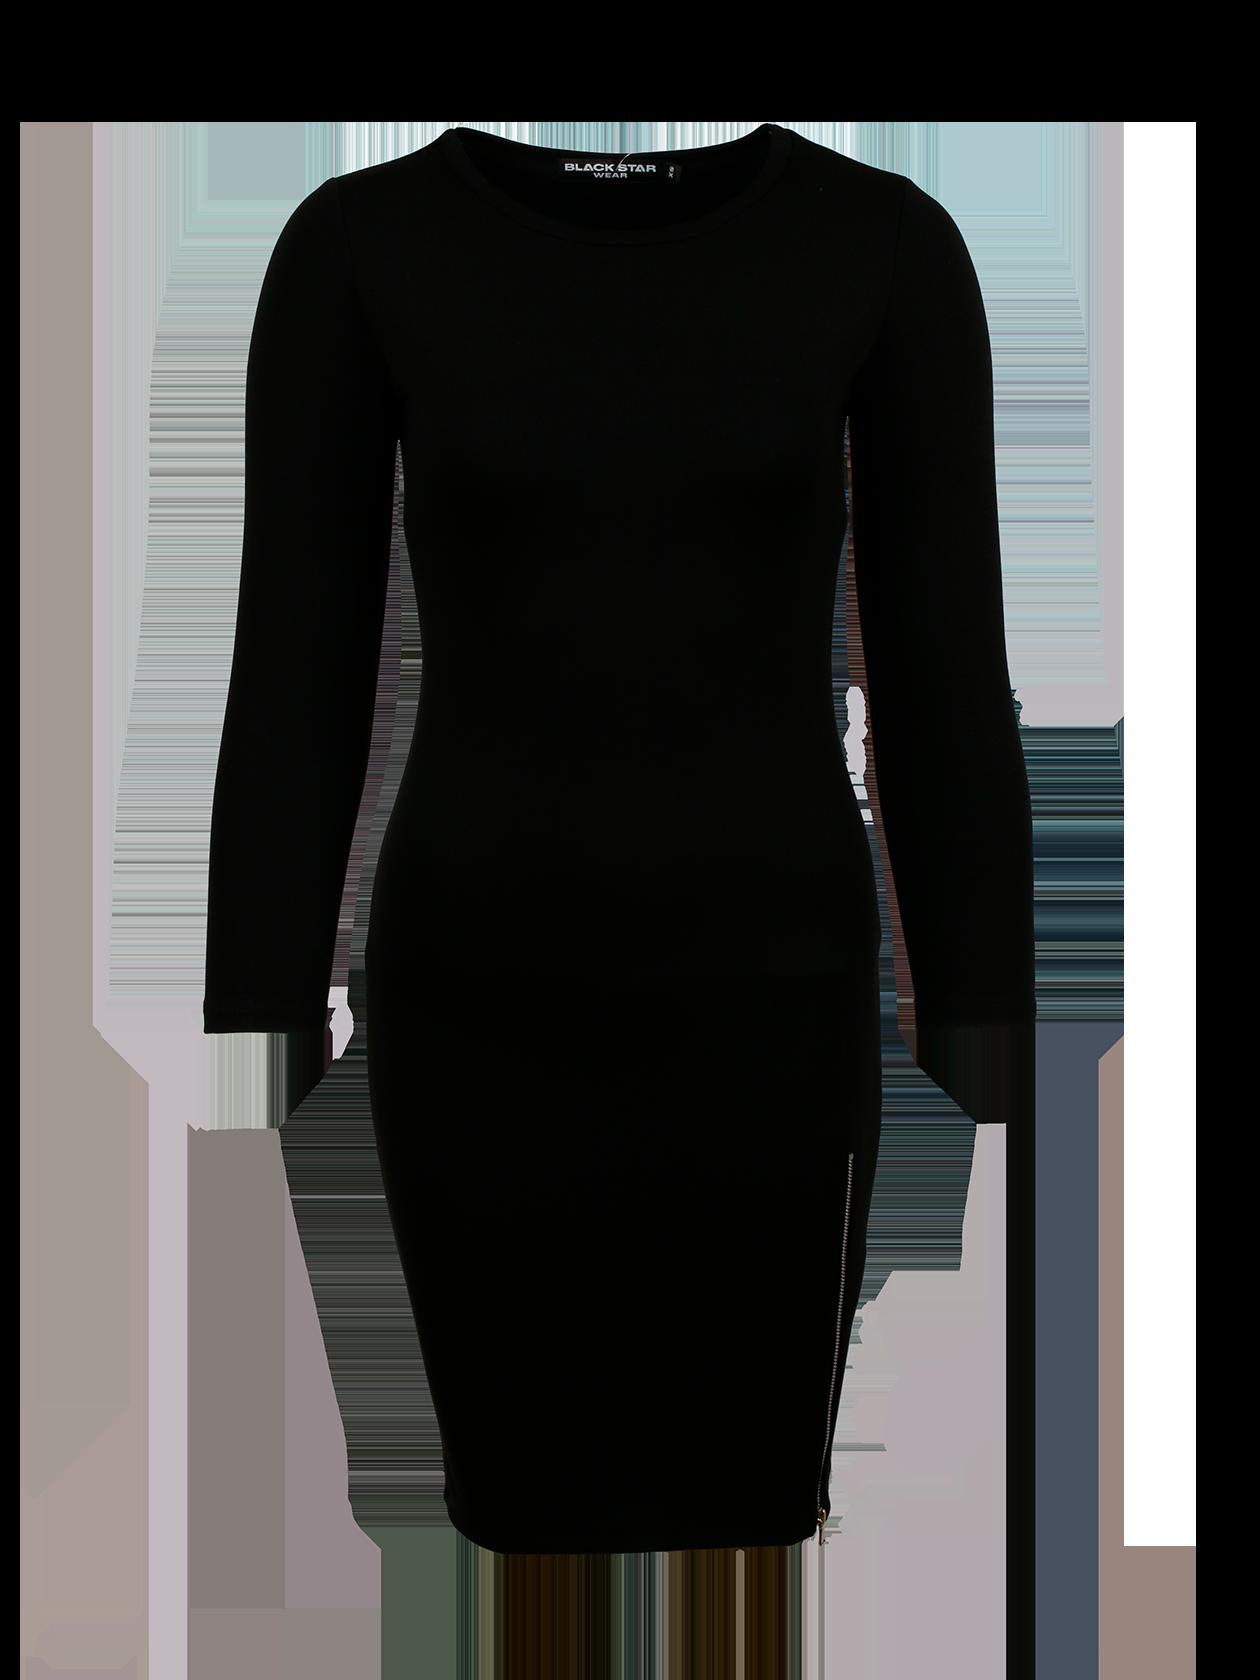 Платье женское SKINNY ZIP 13Платье женское Skinny Zip 13 создано для тех, кто привык себя считать иконой стиля даже при походе в магазин. Если вы находитесь в поисках своего идеального и неповторимого образа, то это именно то, что нужно. Вдохновляющее, пленительное, в меру сексуальное и одновременно комфортное. Пожалуй, лучшего варианта для уверенной в себе и привлекательной девушки не существует. Боковая молния до линии бедер подчеркнет яркость своей хозяйки. Выберите для себя лучшее цветовое решение – черное или серое.<br><br>Размер: S<br>Цвет: Черный<br>Пол: Женский